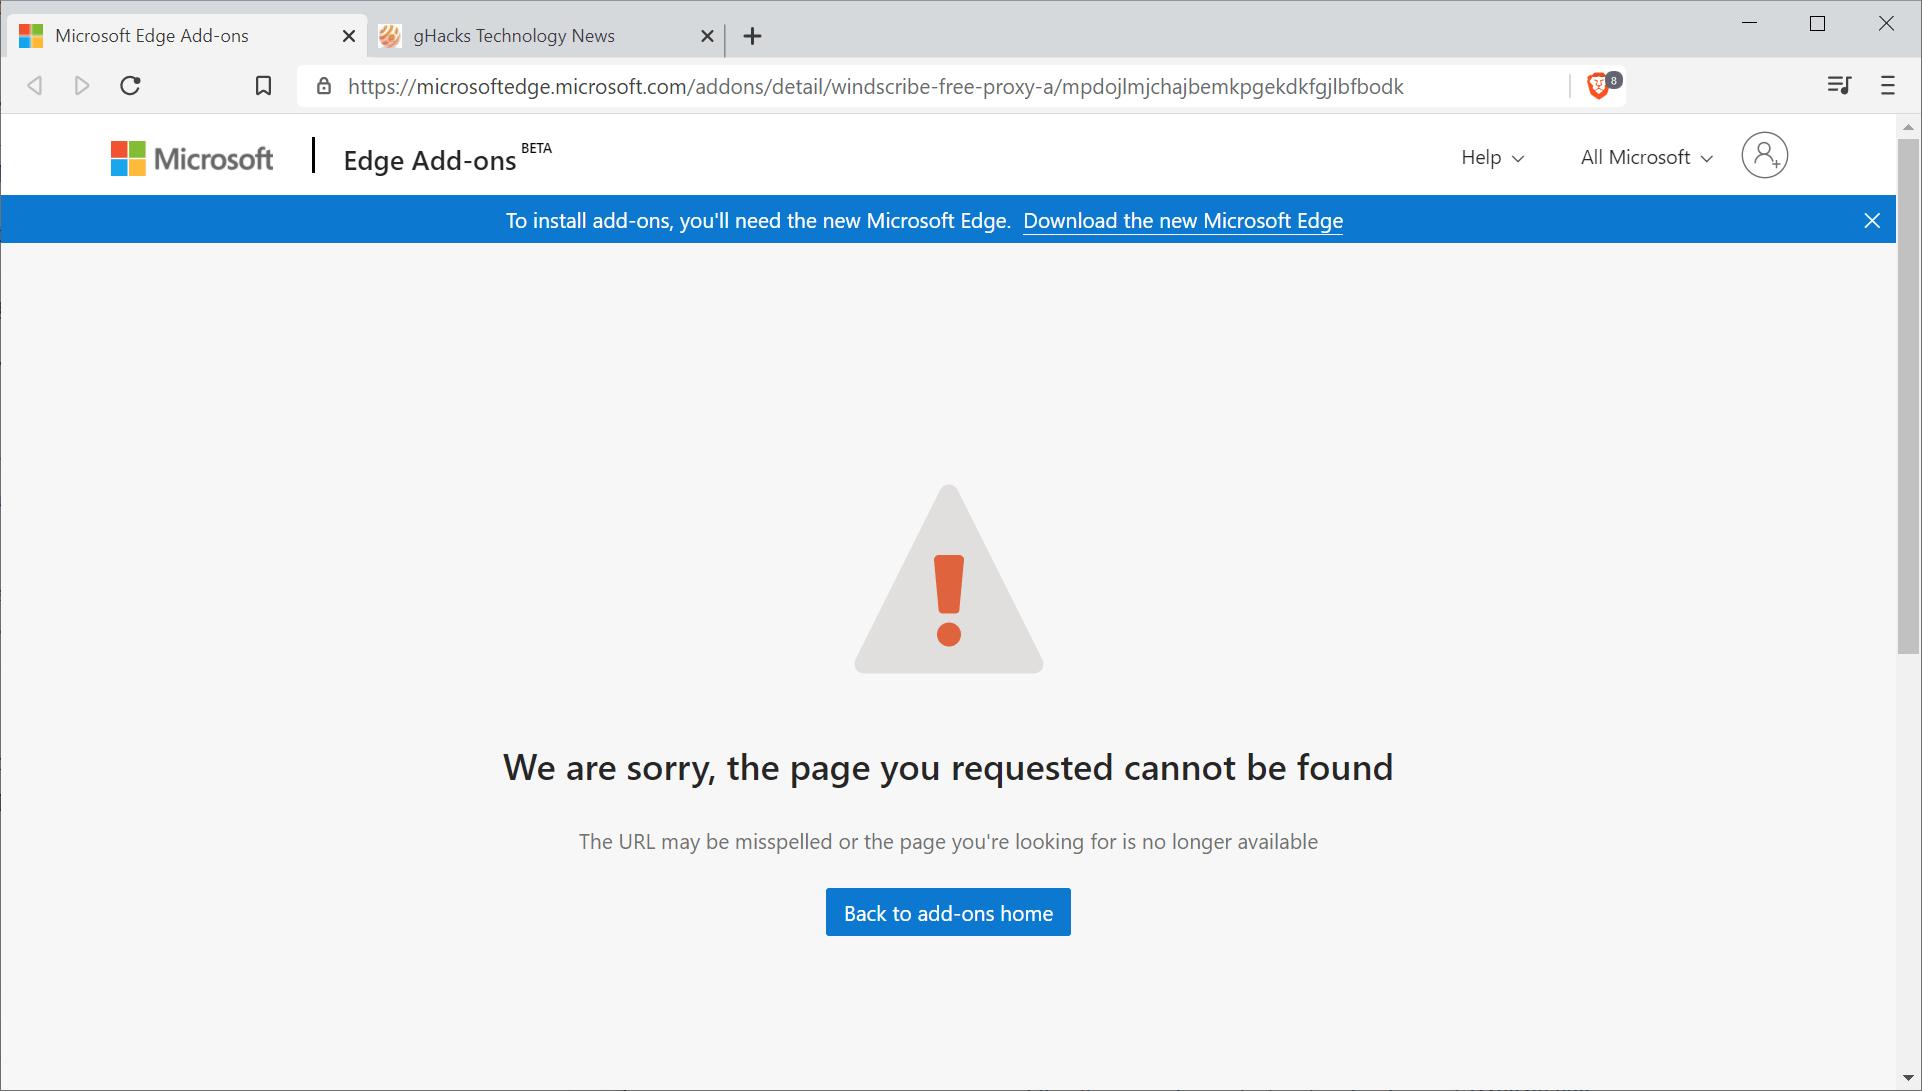 微软边缘扩展假